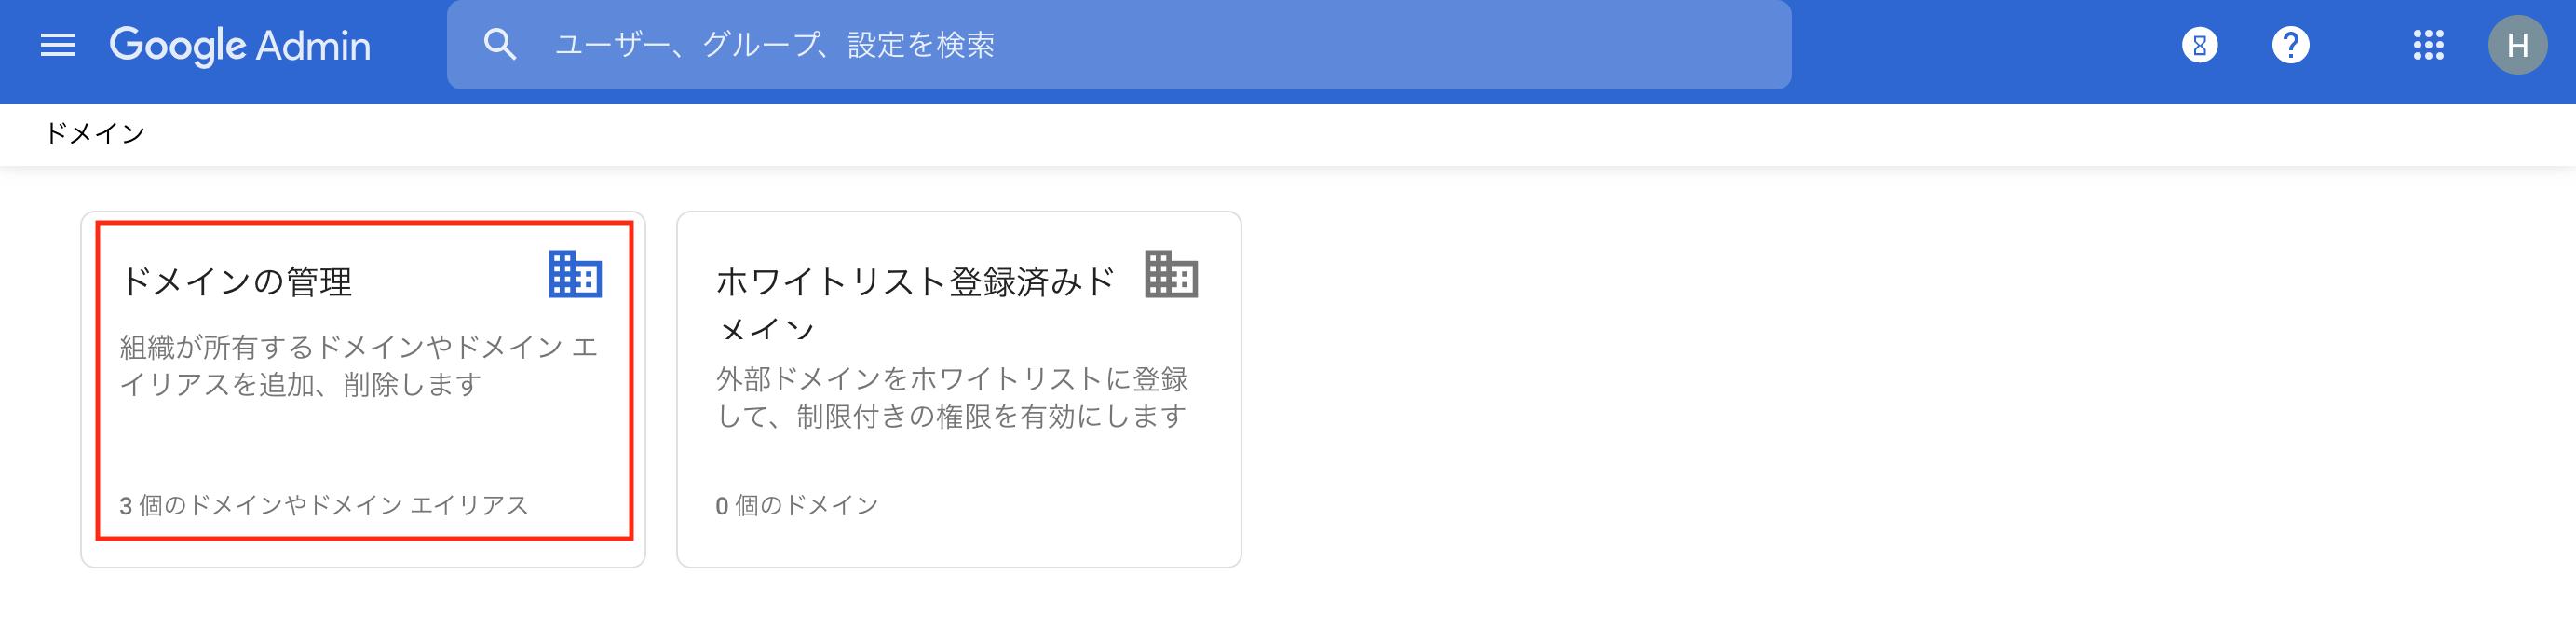 Screen_Shot_2020-05-15_at_17.02.41.png